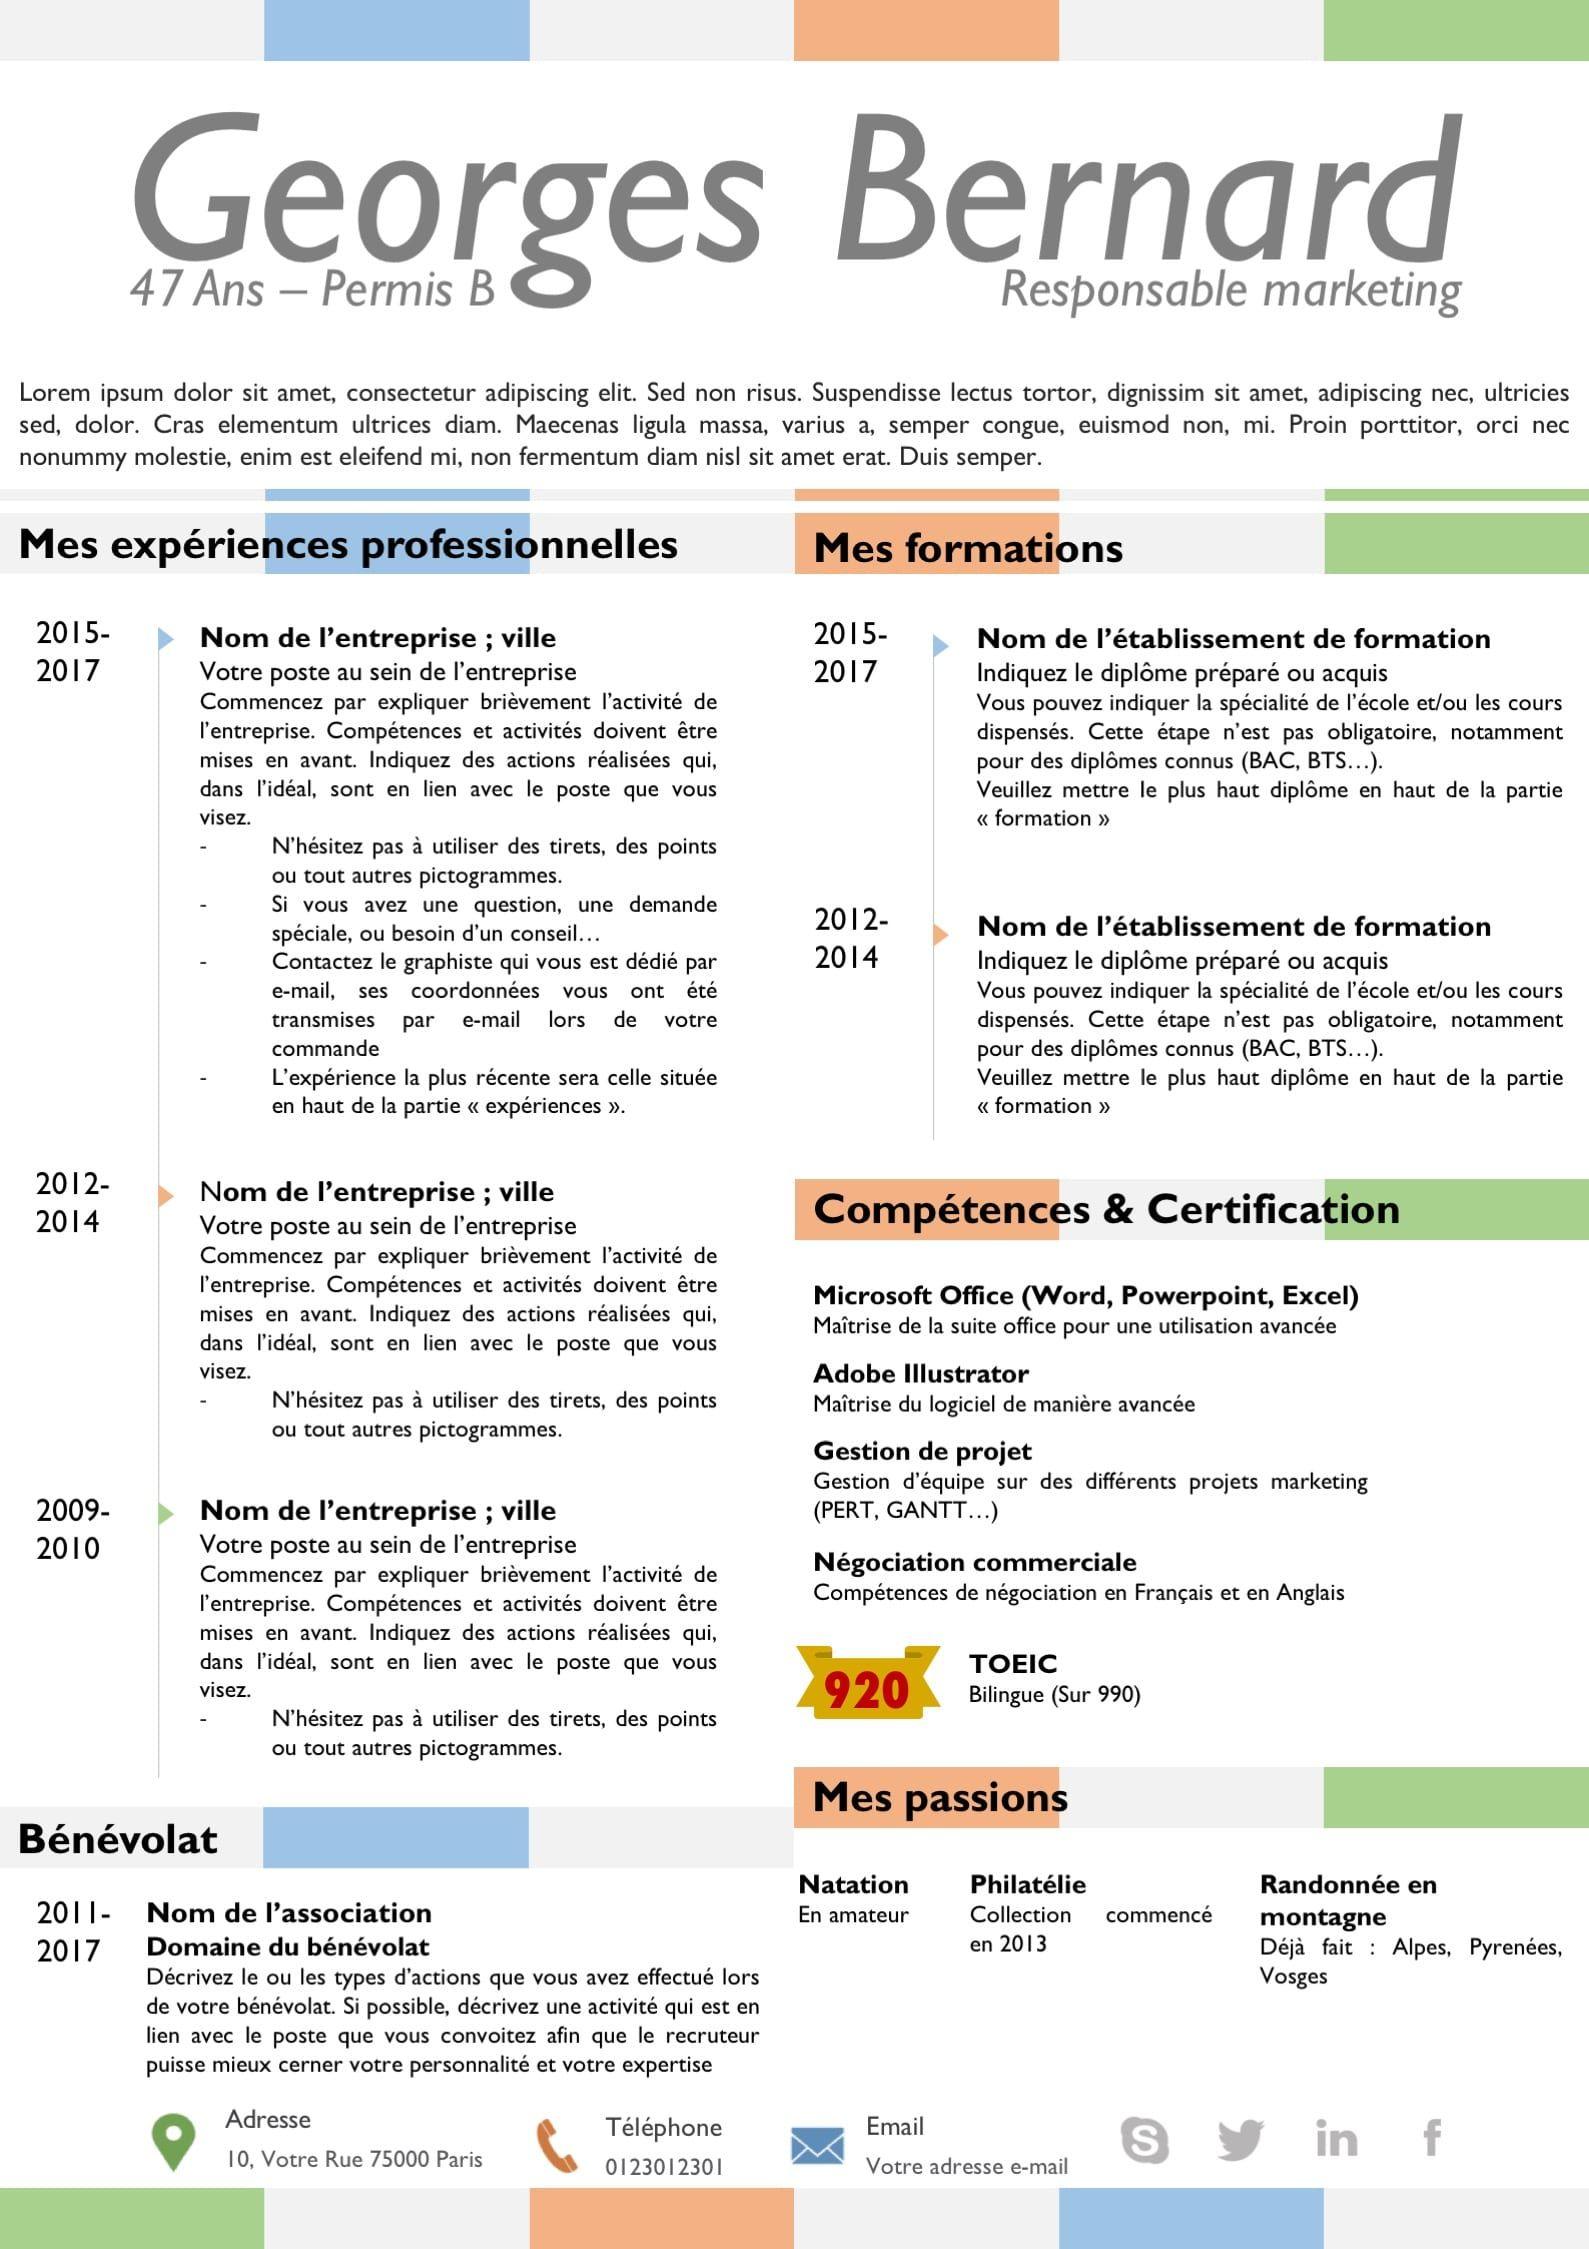 cv multicolore  cv bleu  cv orange  cv vert  cv avec pictogrammes  beau cv  cv design  cv